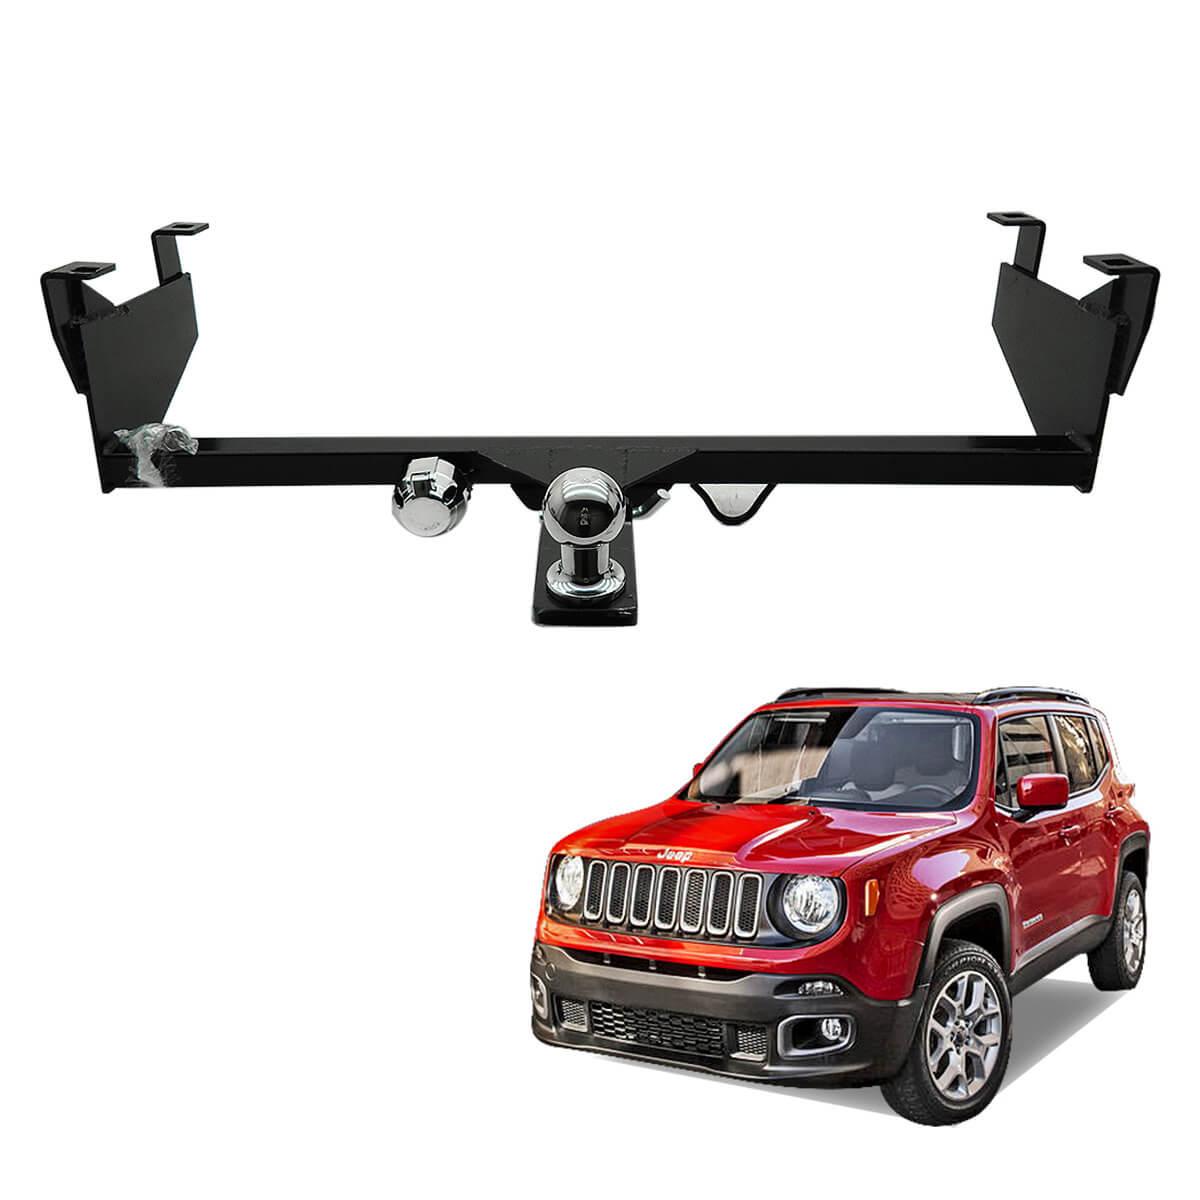 Engate de reboque Jeep Renegade 2016 2017 tração 4x2 removível 1000 Kg